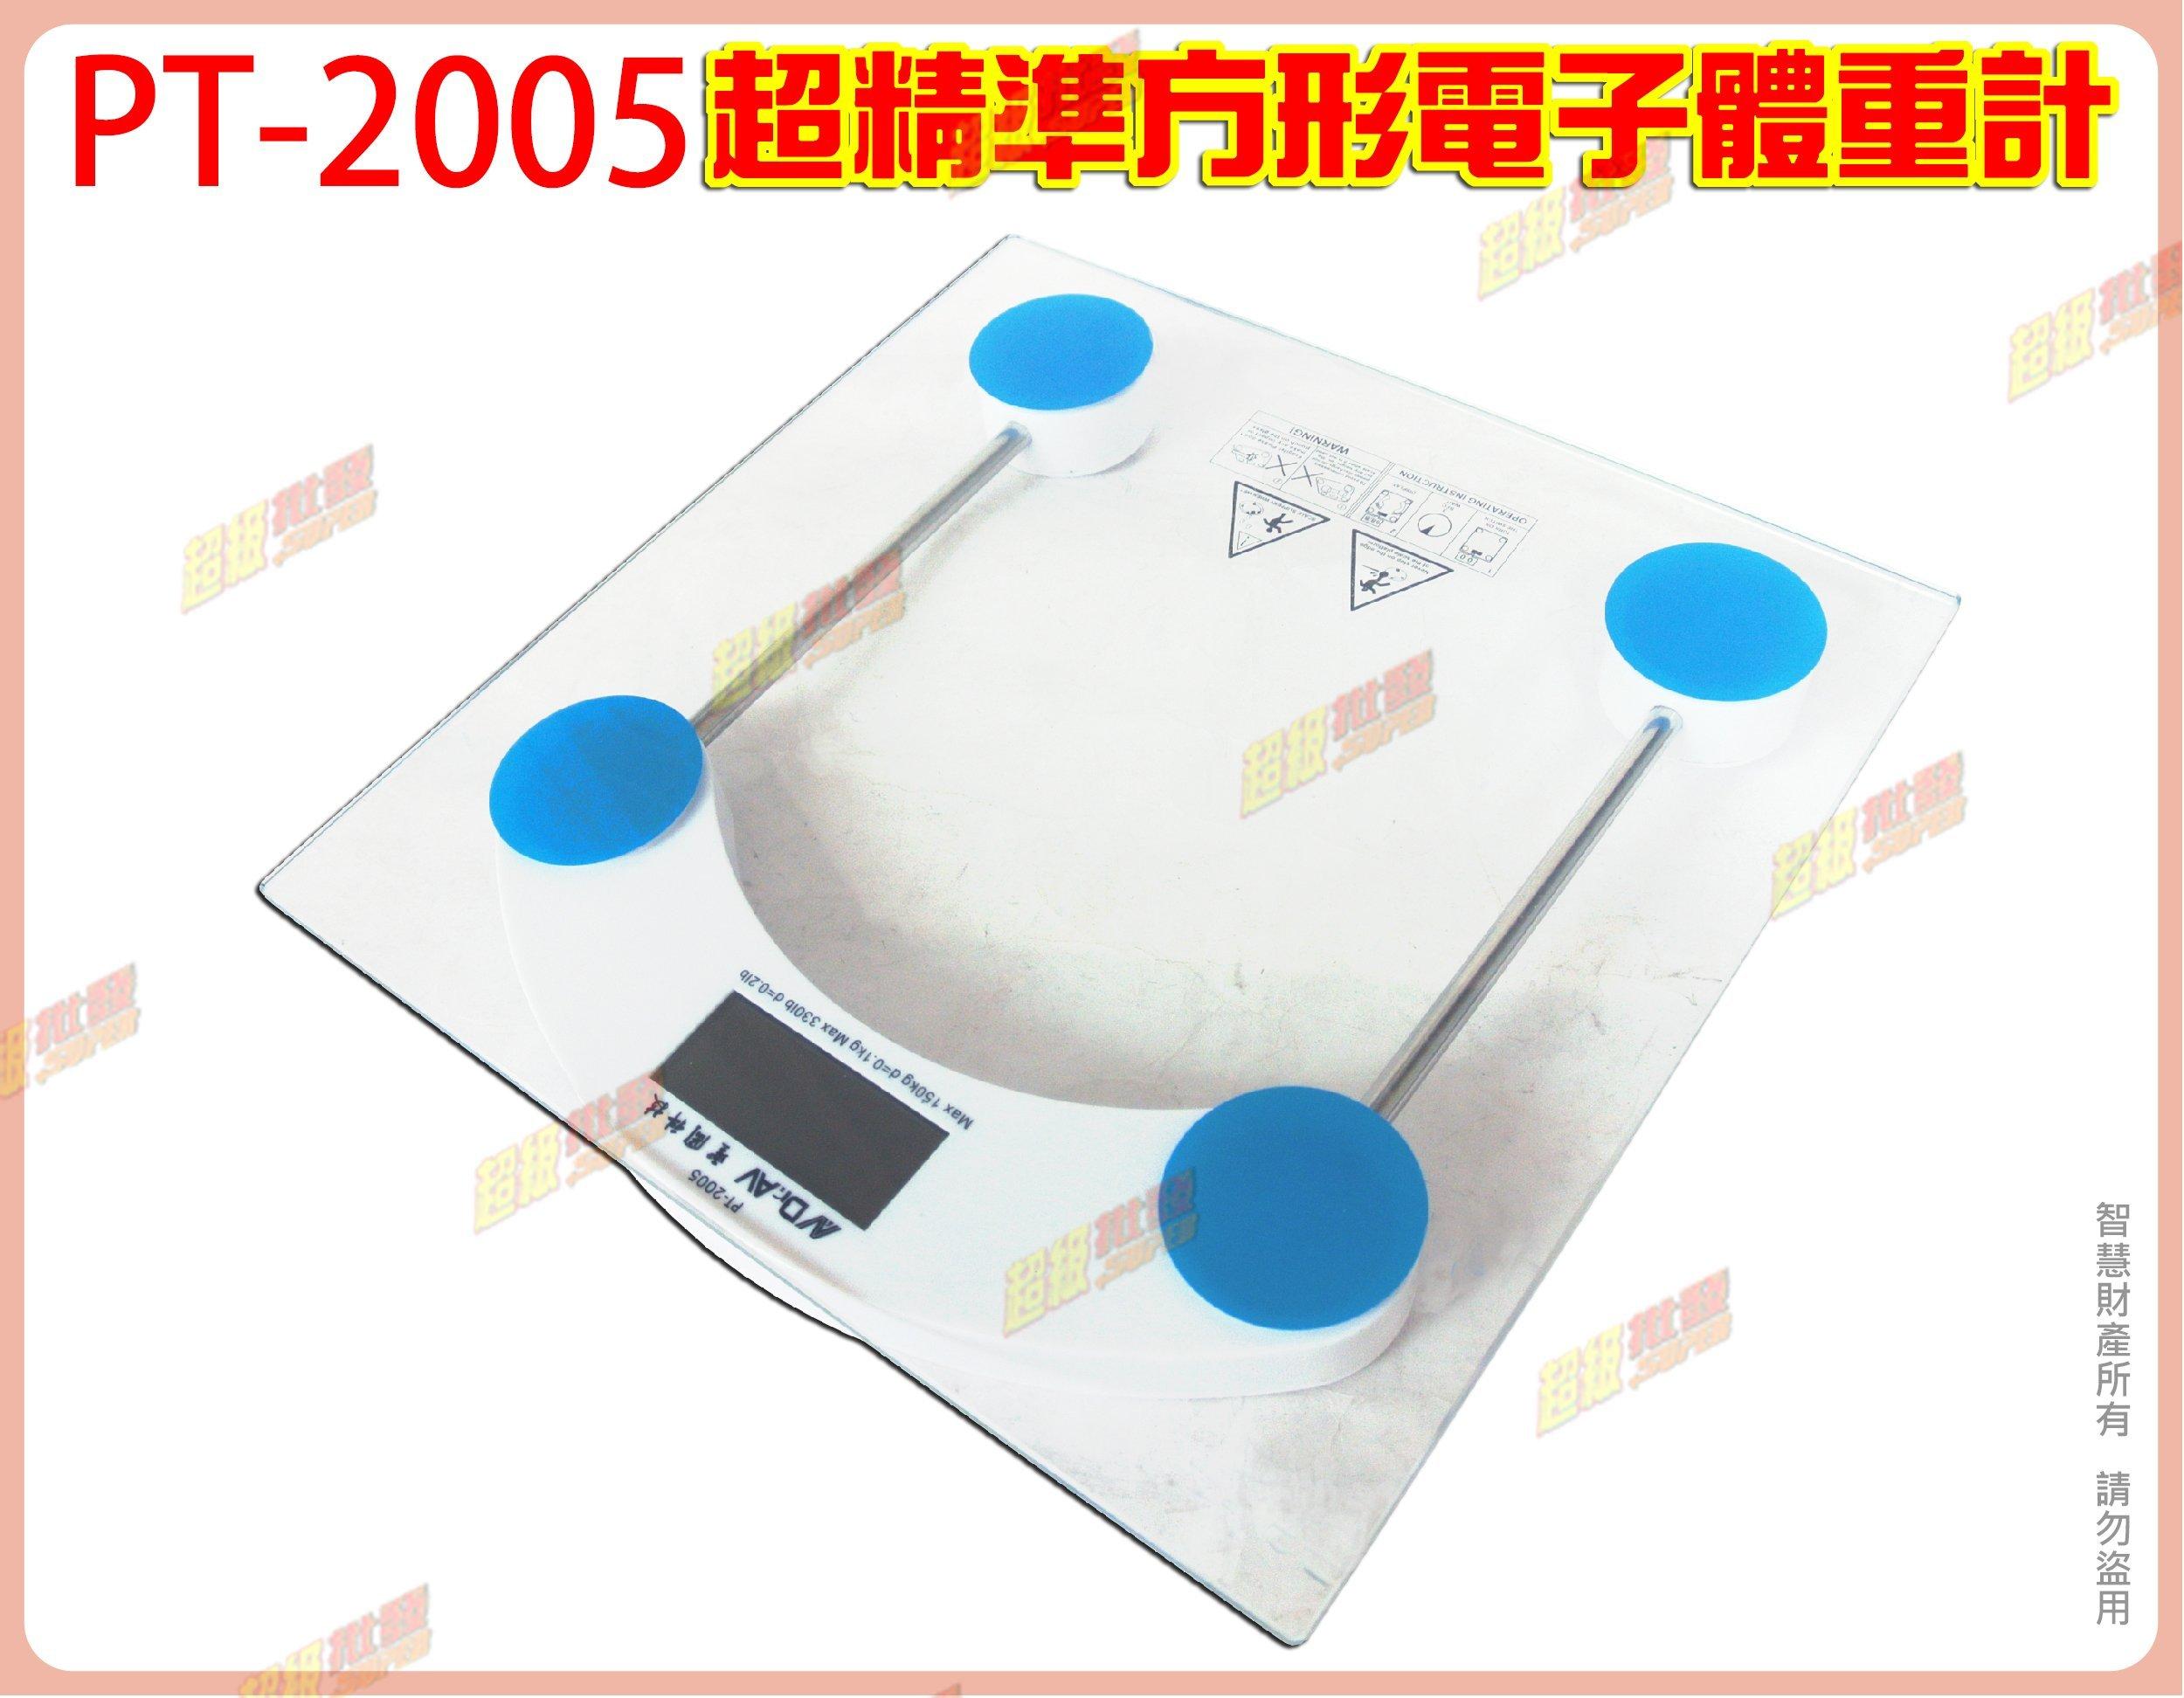 ◎超級 ◎聖岡 PT-2005 超精準方形電子體重計 人體秤 電子秤 體重秤 強化玻璃 液晶顯示( 價9折)